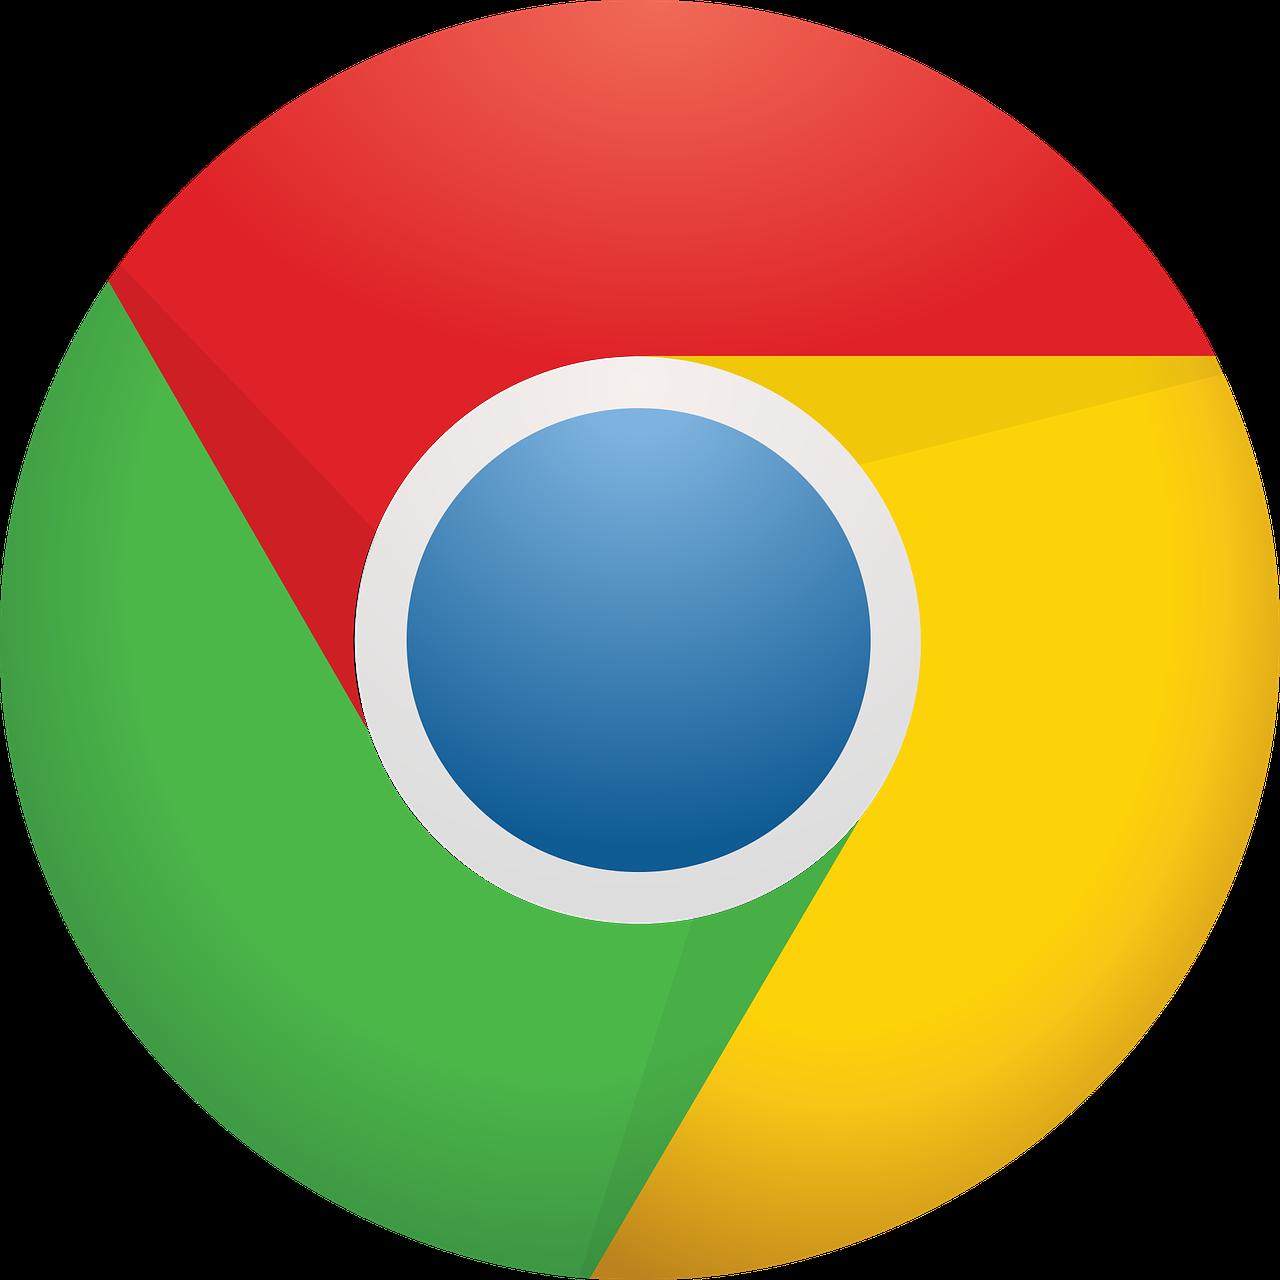 Les meilleurs VPN gratuits pour Chrome en 2021